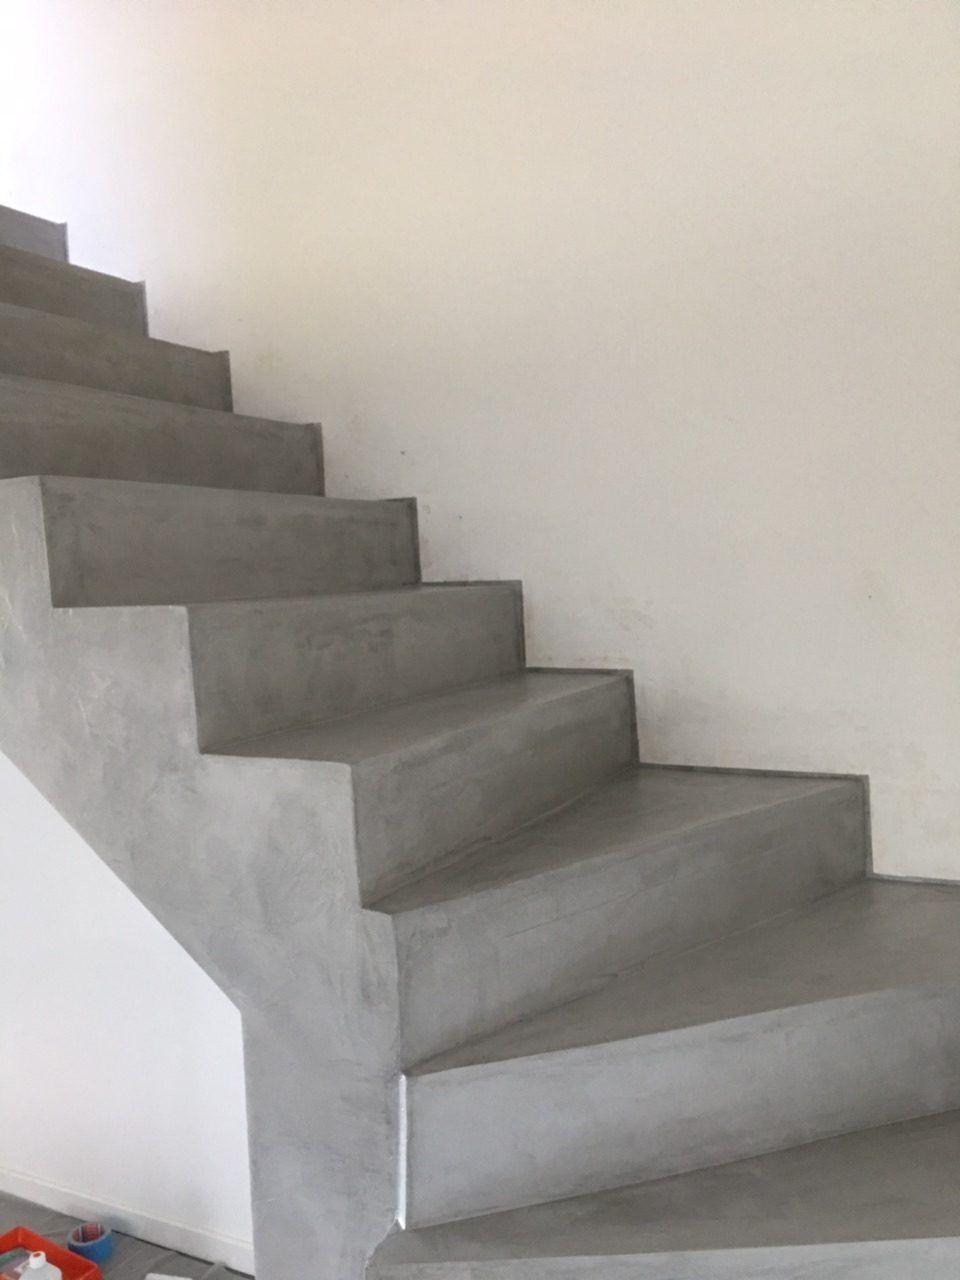 Kit Beton Cire Escalier Sol De Chambre Mur Kit Beton Cire Escalier Beton Cire Beton Cire